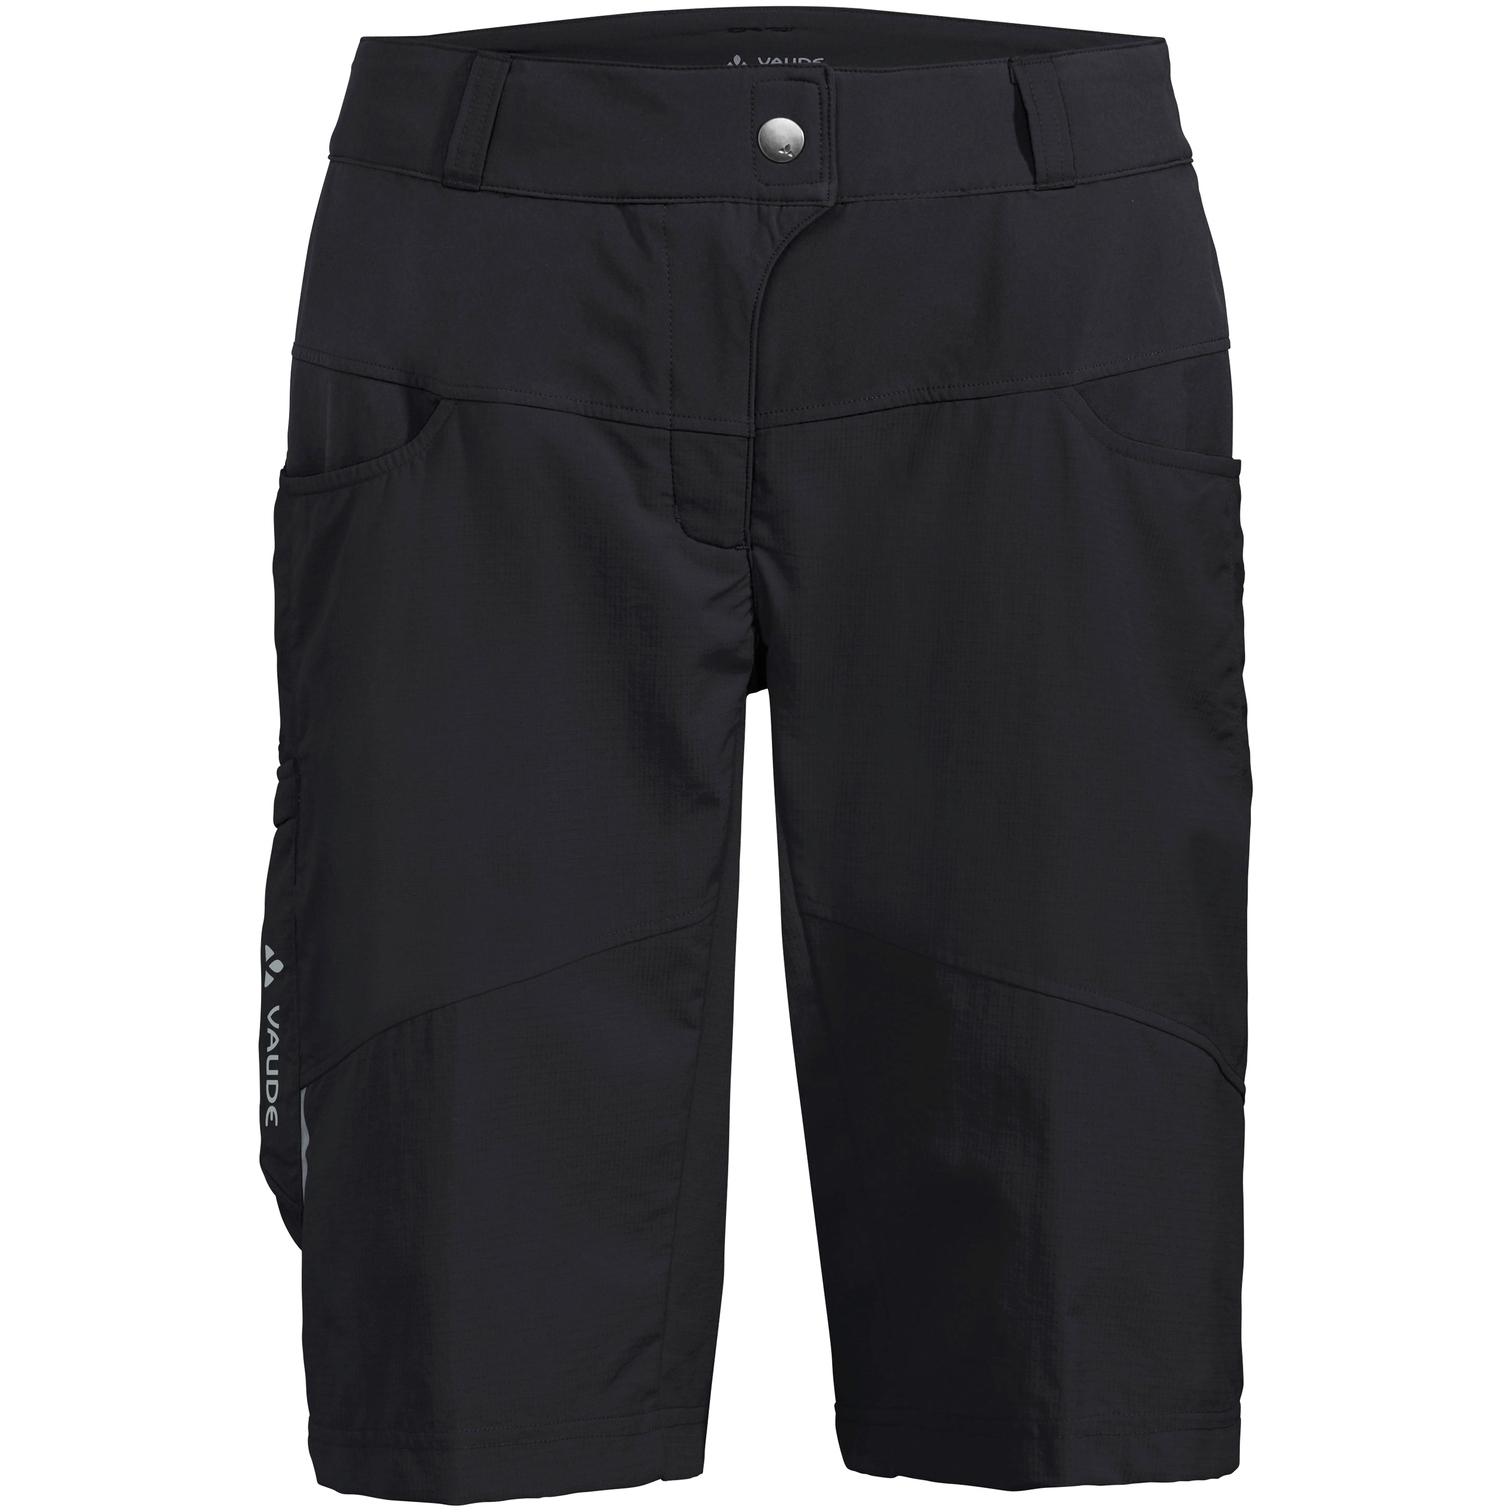 Vaude Qimsa Damen-Shorts - black